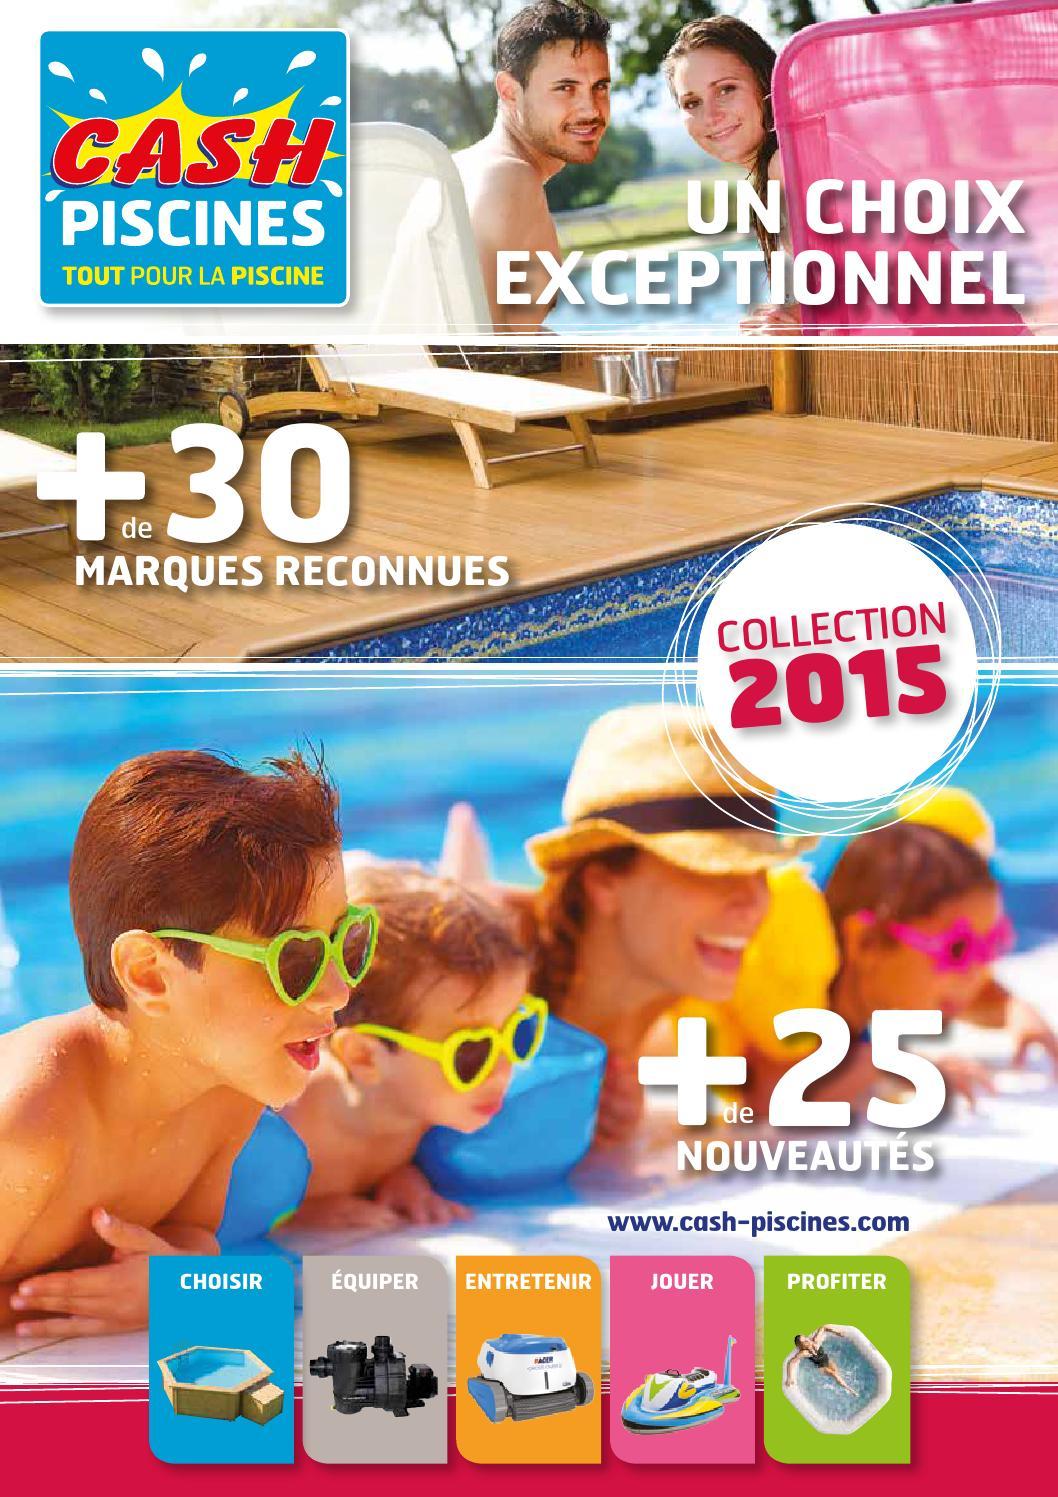 Catalogue Cash Piscines 2015 By Octave Octave - Issuu intérieur Cash Piscine Marmande